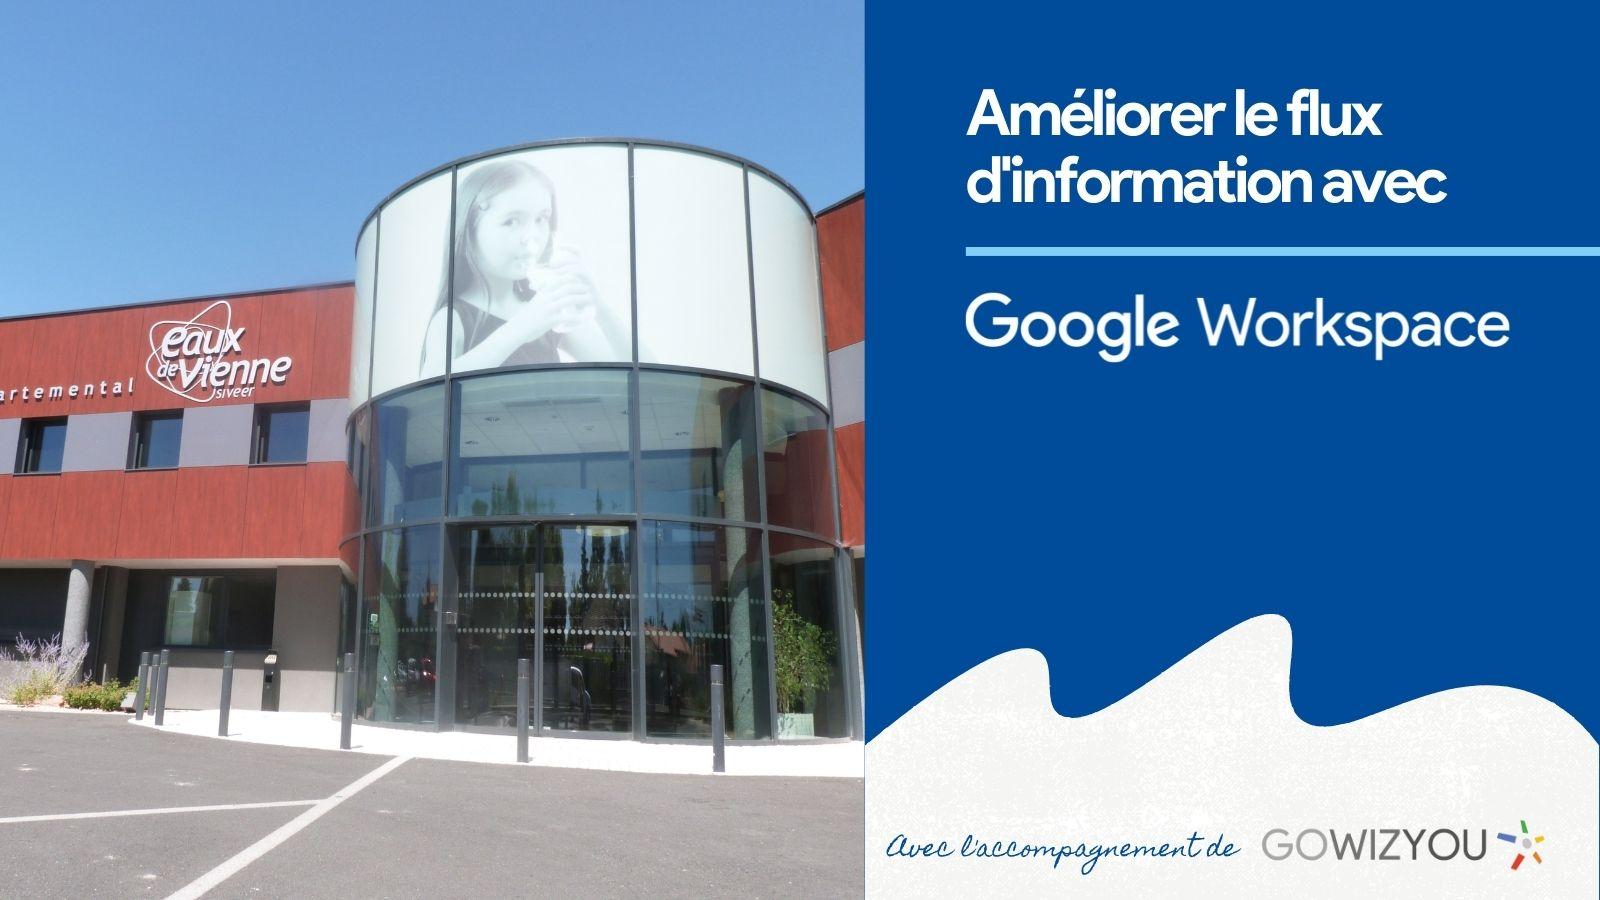 Améliorer le flux d'information avec Google Workspace